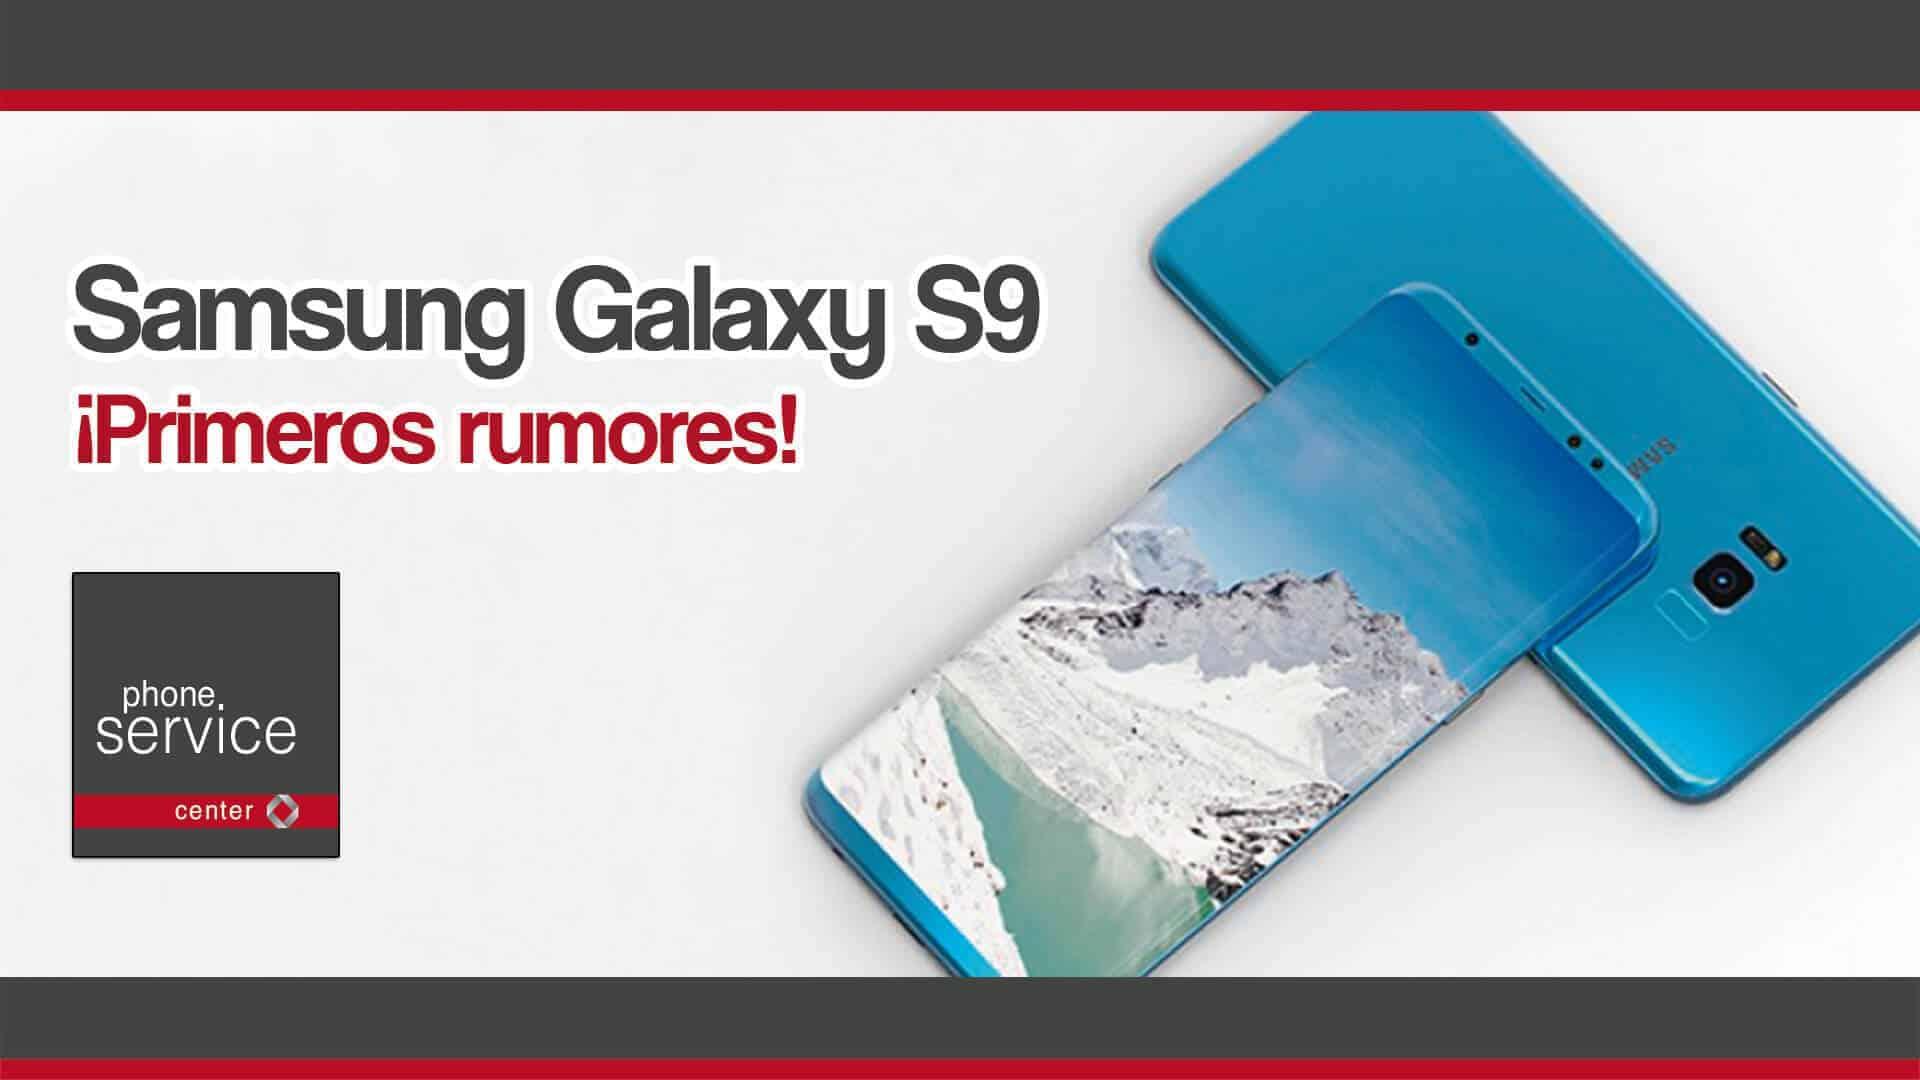 primeros rumores del Samsung Galaxy S9